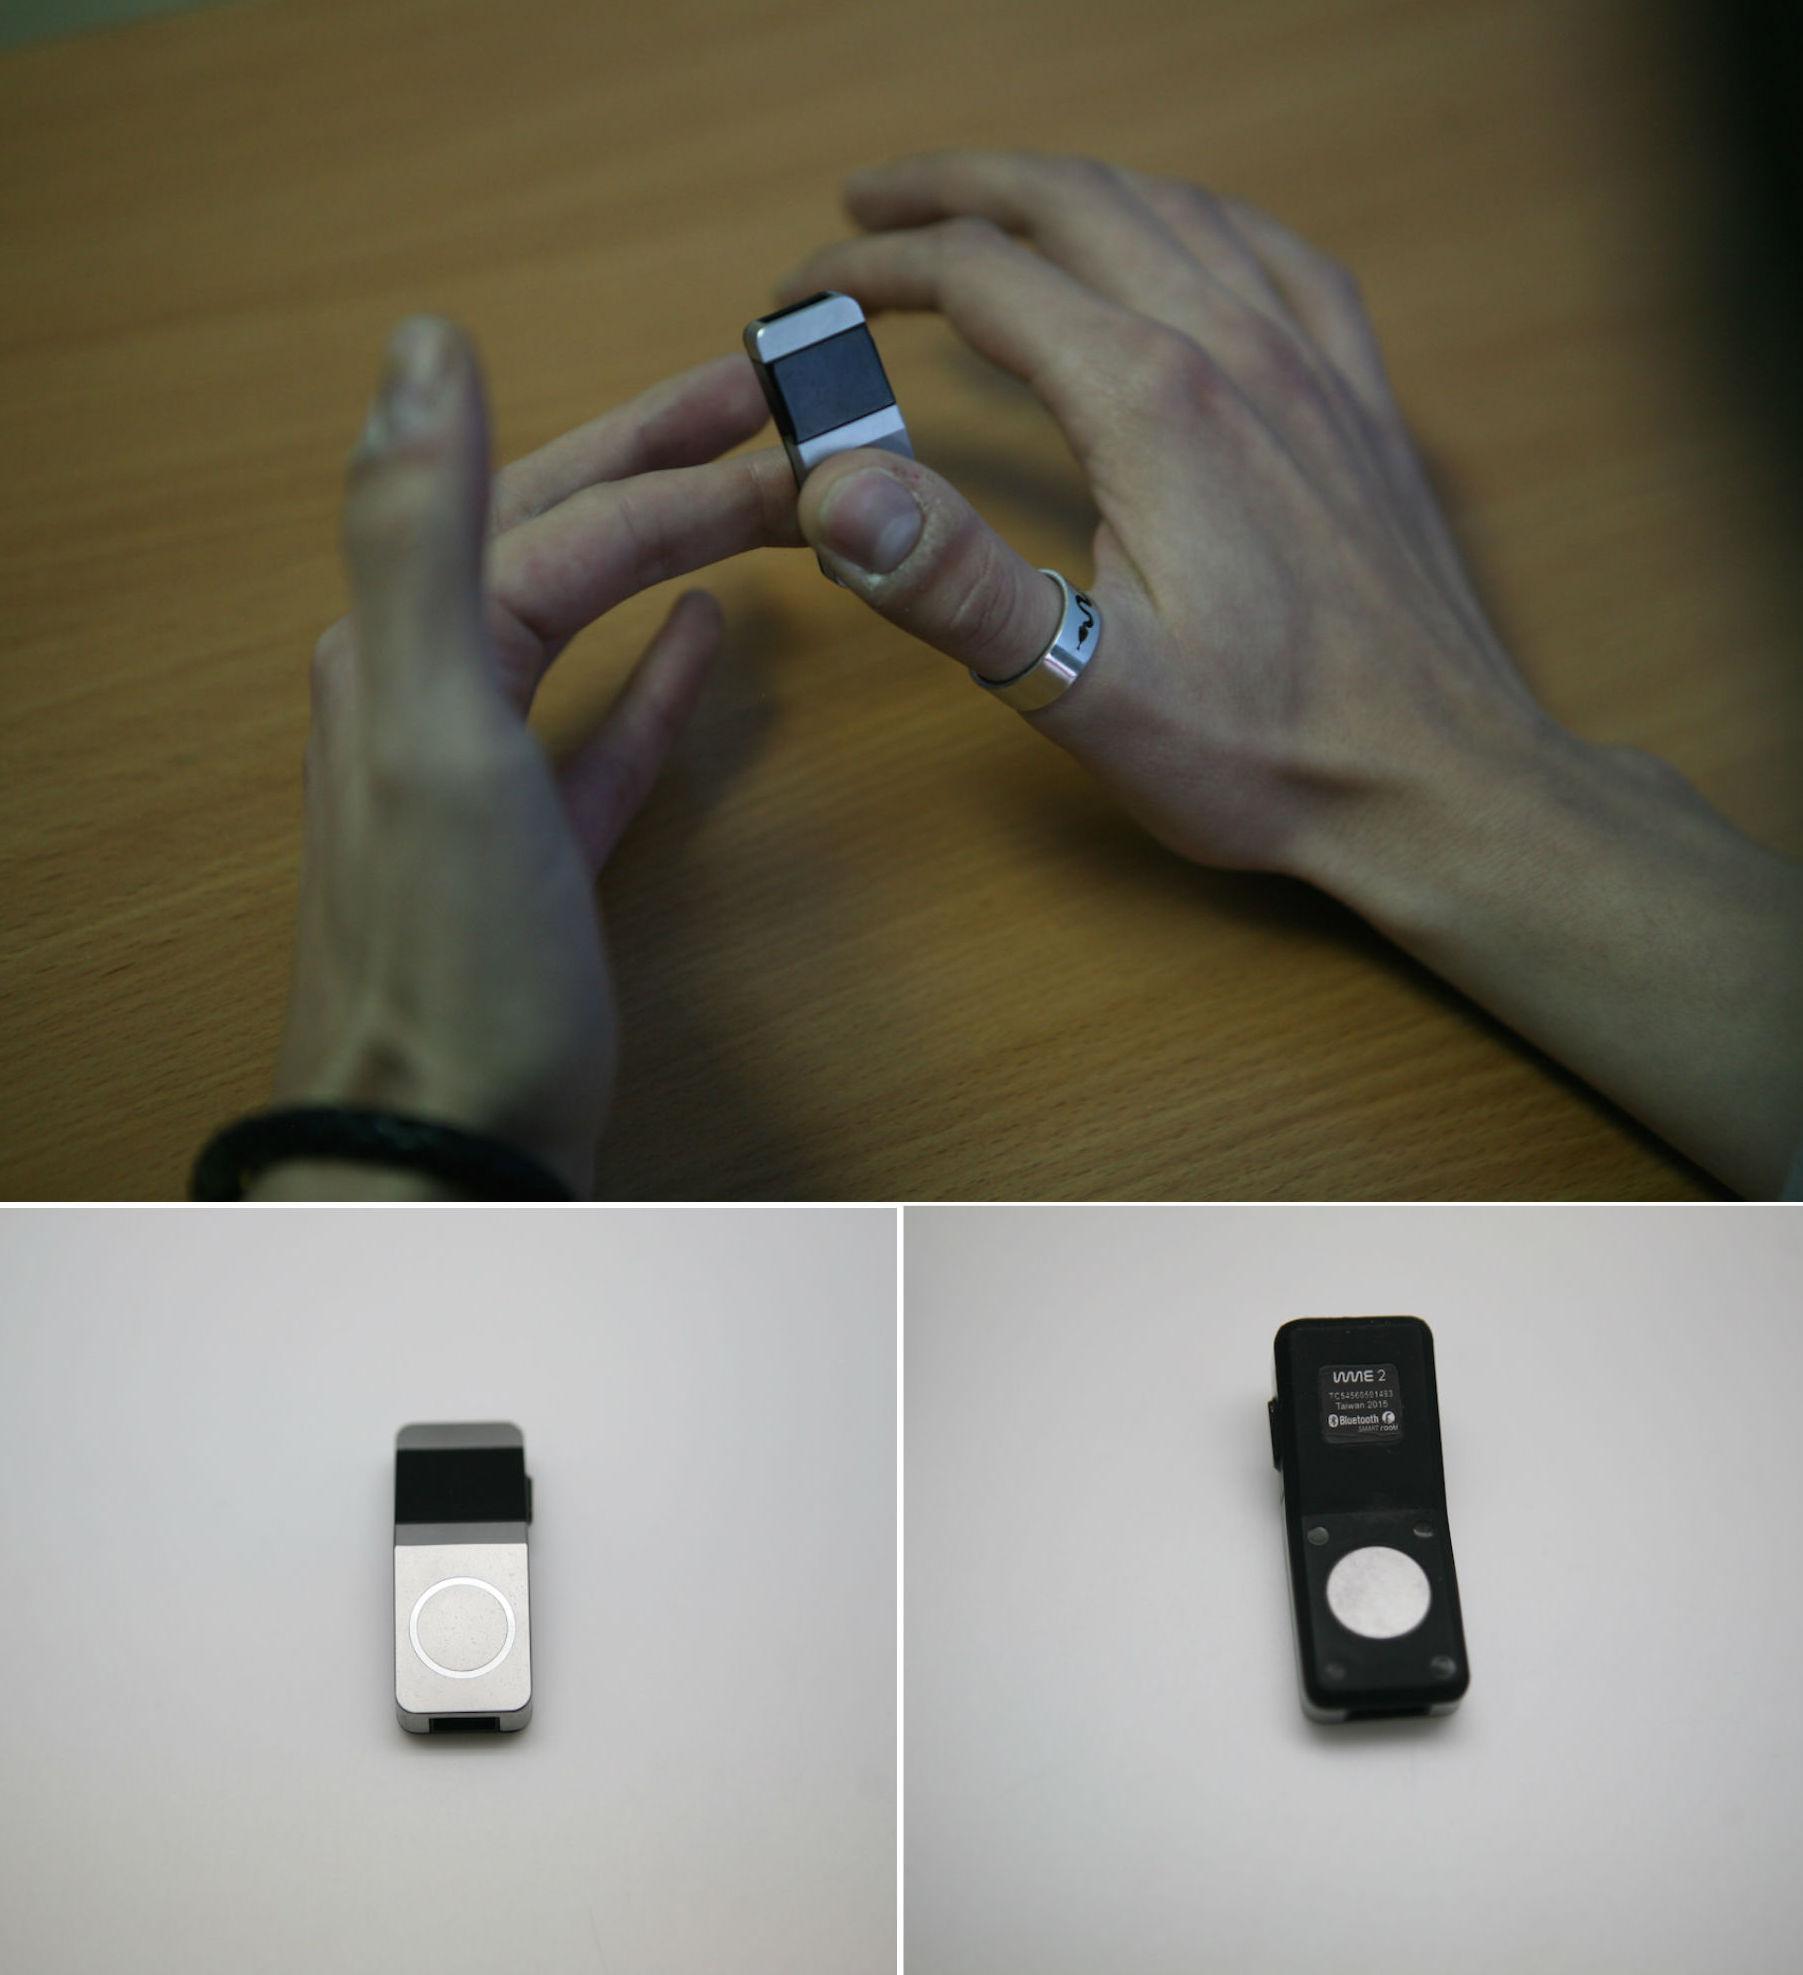 Обзор W-Me2 — первый трекер, который измеряет давление. А также пульс. И записывает ЭКГ - 23